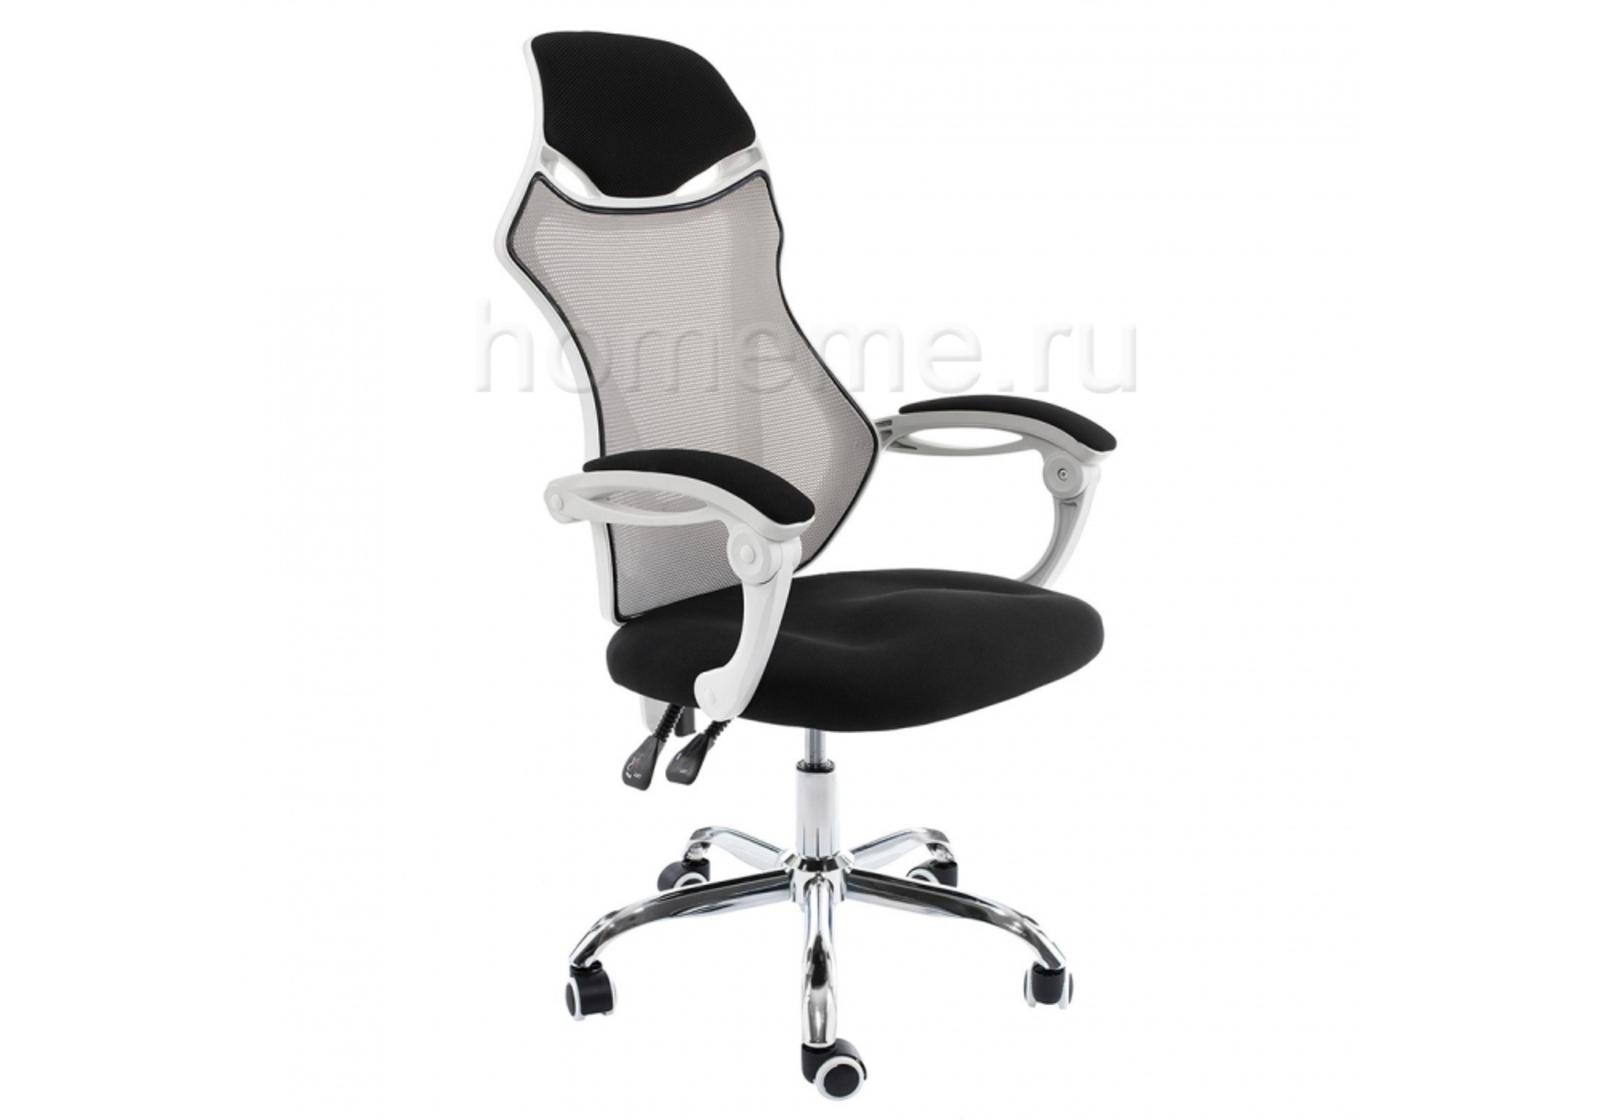 Кресло для офиса HomeMe Armor белое / черное / серое 1980 от Homeme.ru